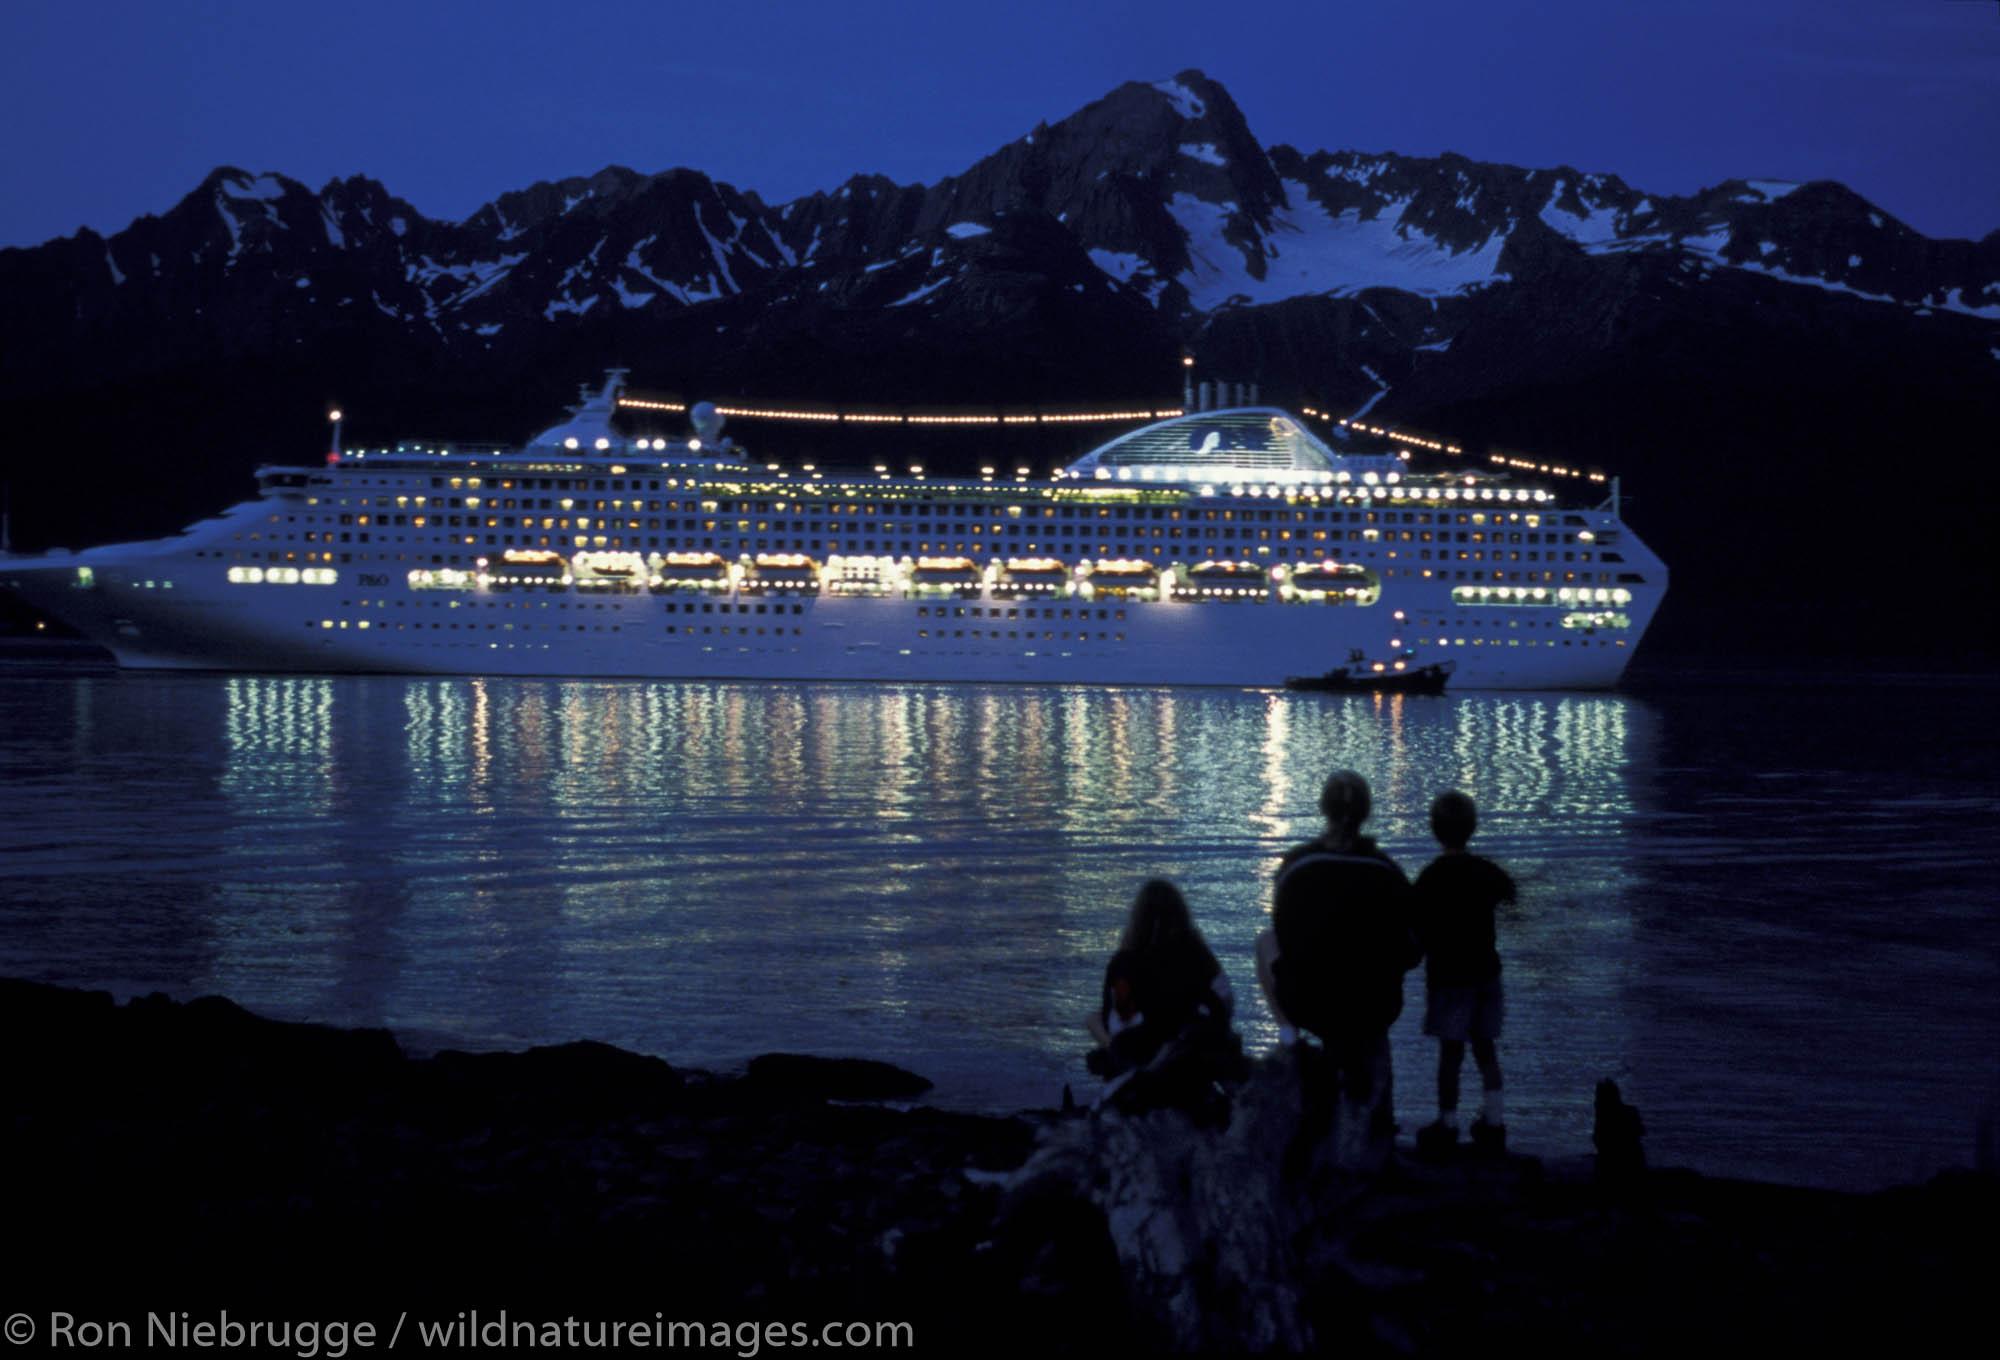 Ocean Princess, Princess Cruise Lines.  Kenai Peninsula, Seward, Alaska.